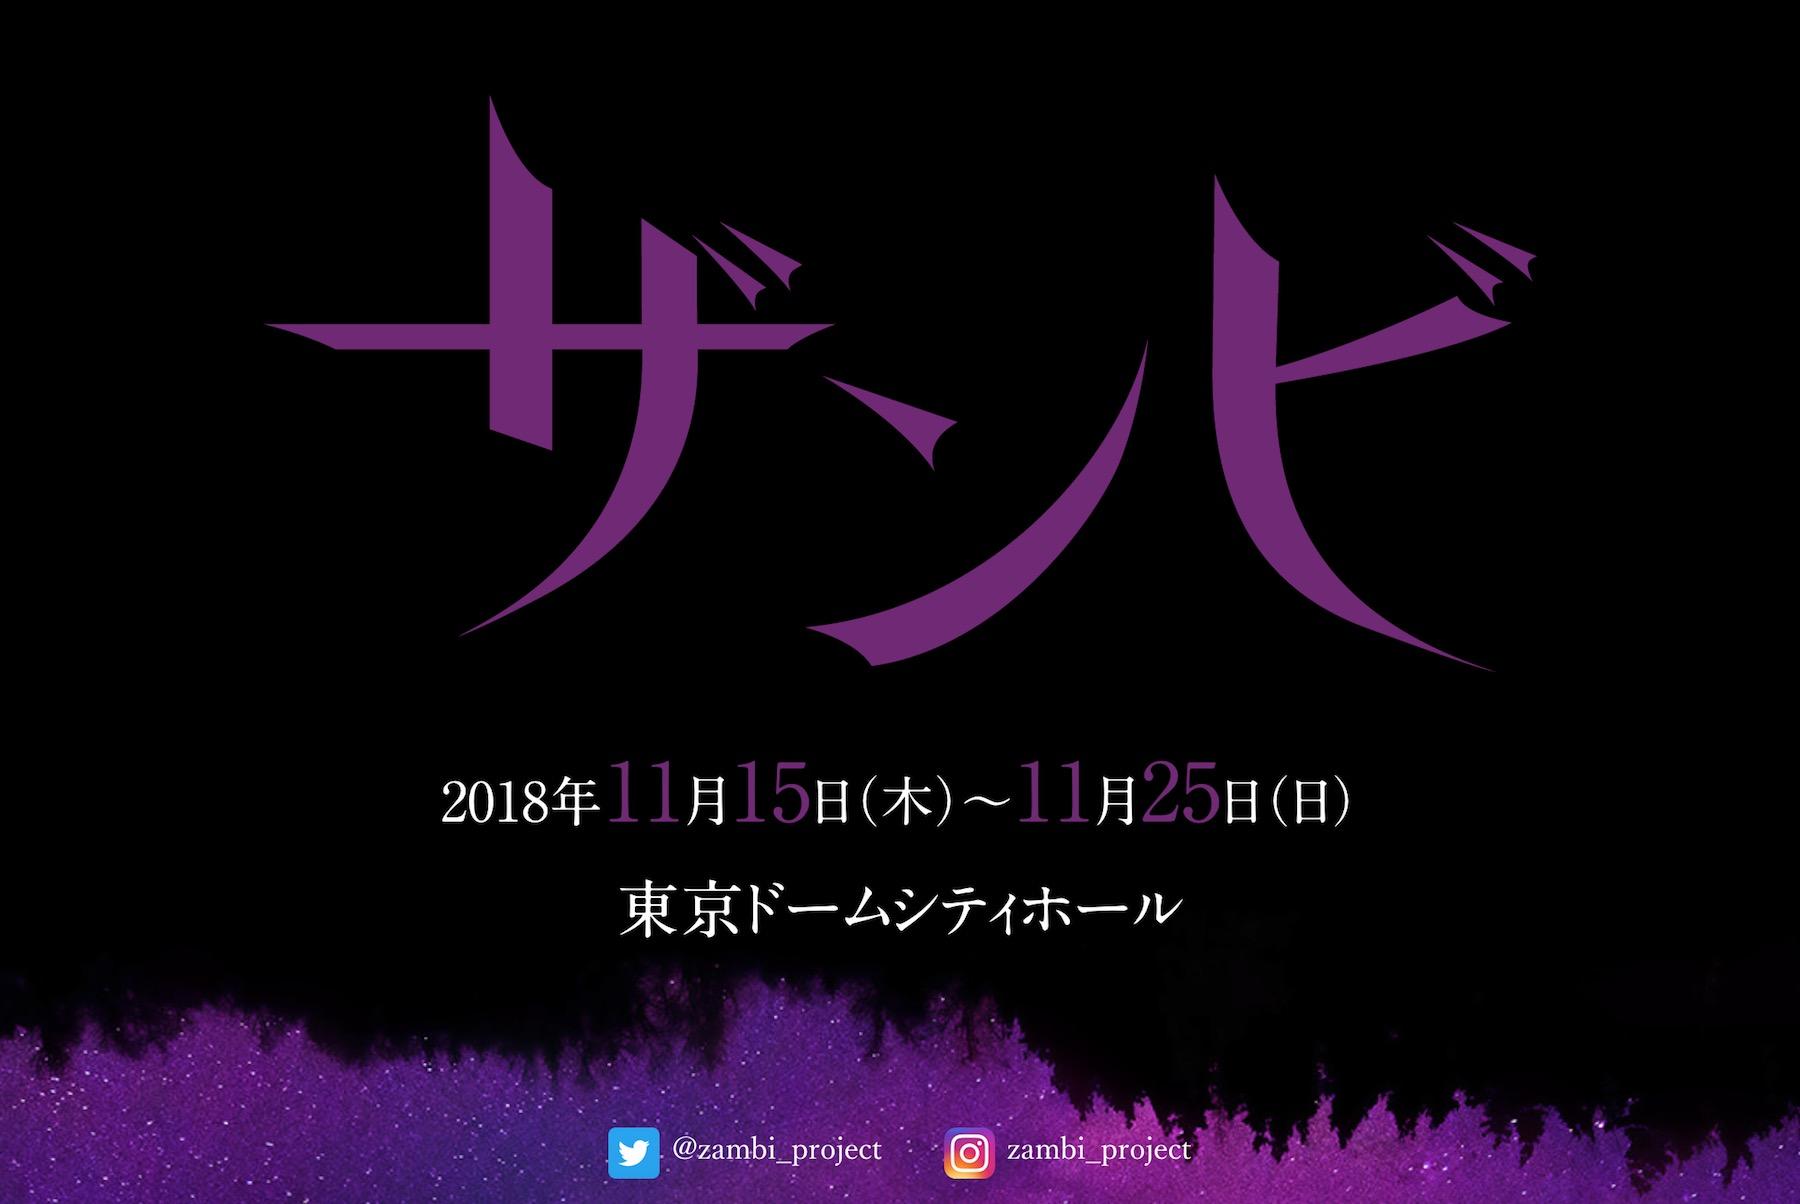 舞台「ザンビ」公式サイト(乃木坂46新プロジェクト「ザンビプロジェクト」第1弾)